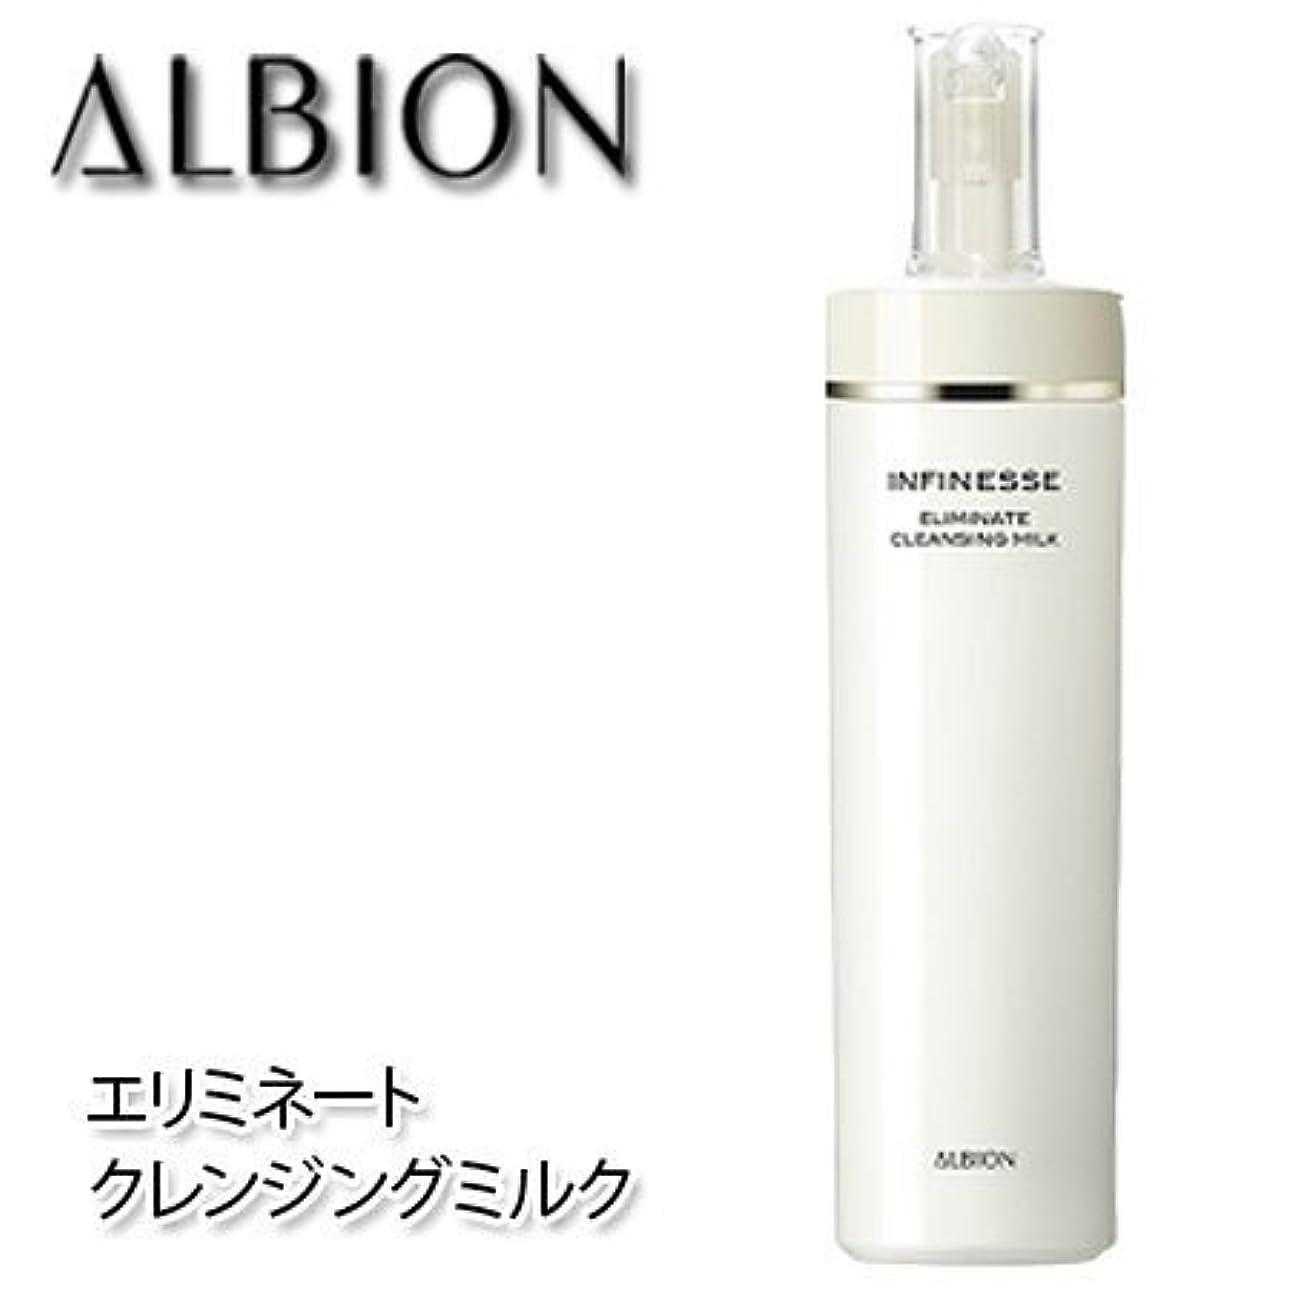 よろしく背が高い分析的なアルビオン アンフィネス エリミネート クレンジングミルク 200g-ALBION-